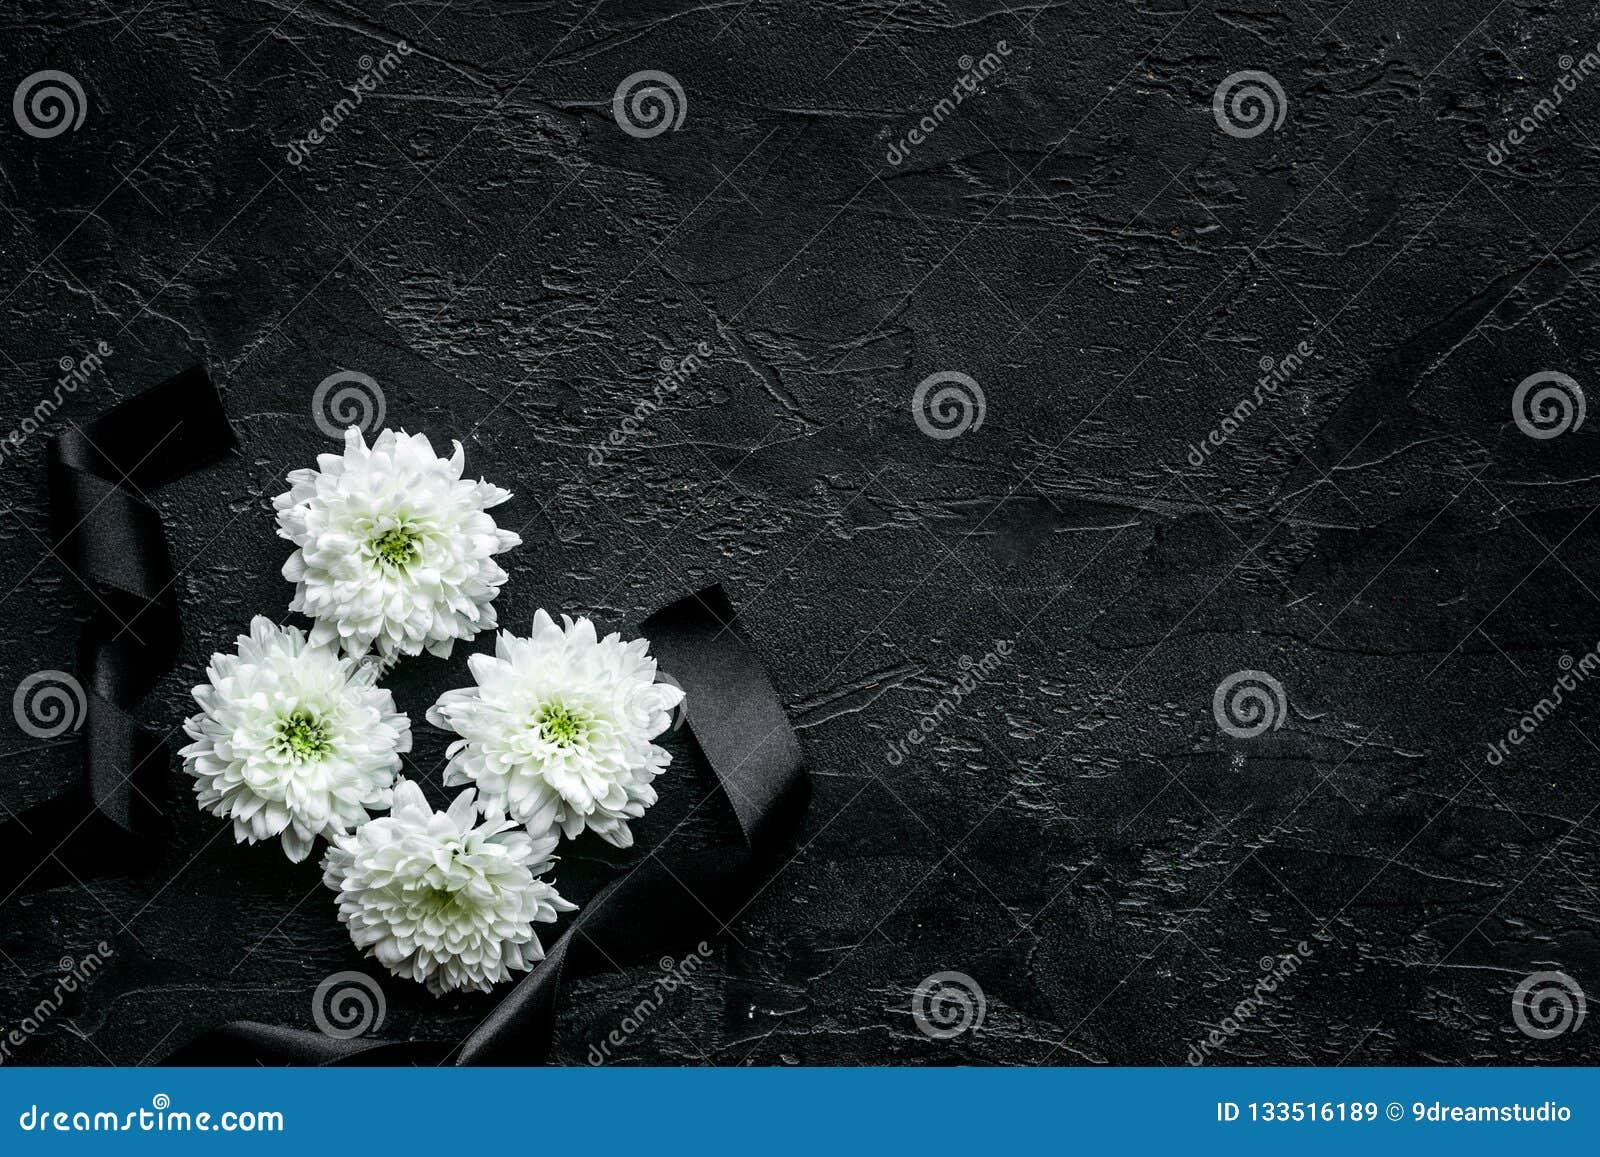 葬礼标志 在黑丝带附近的白花在黑背景顶视图拷贝空间